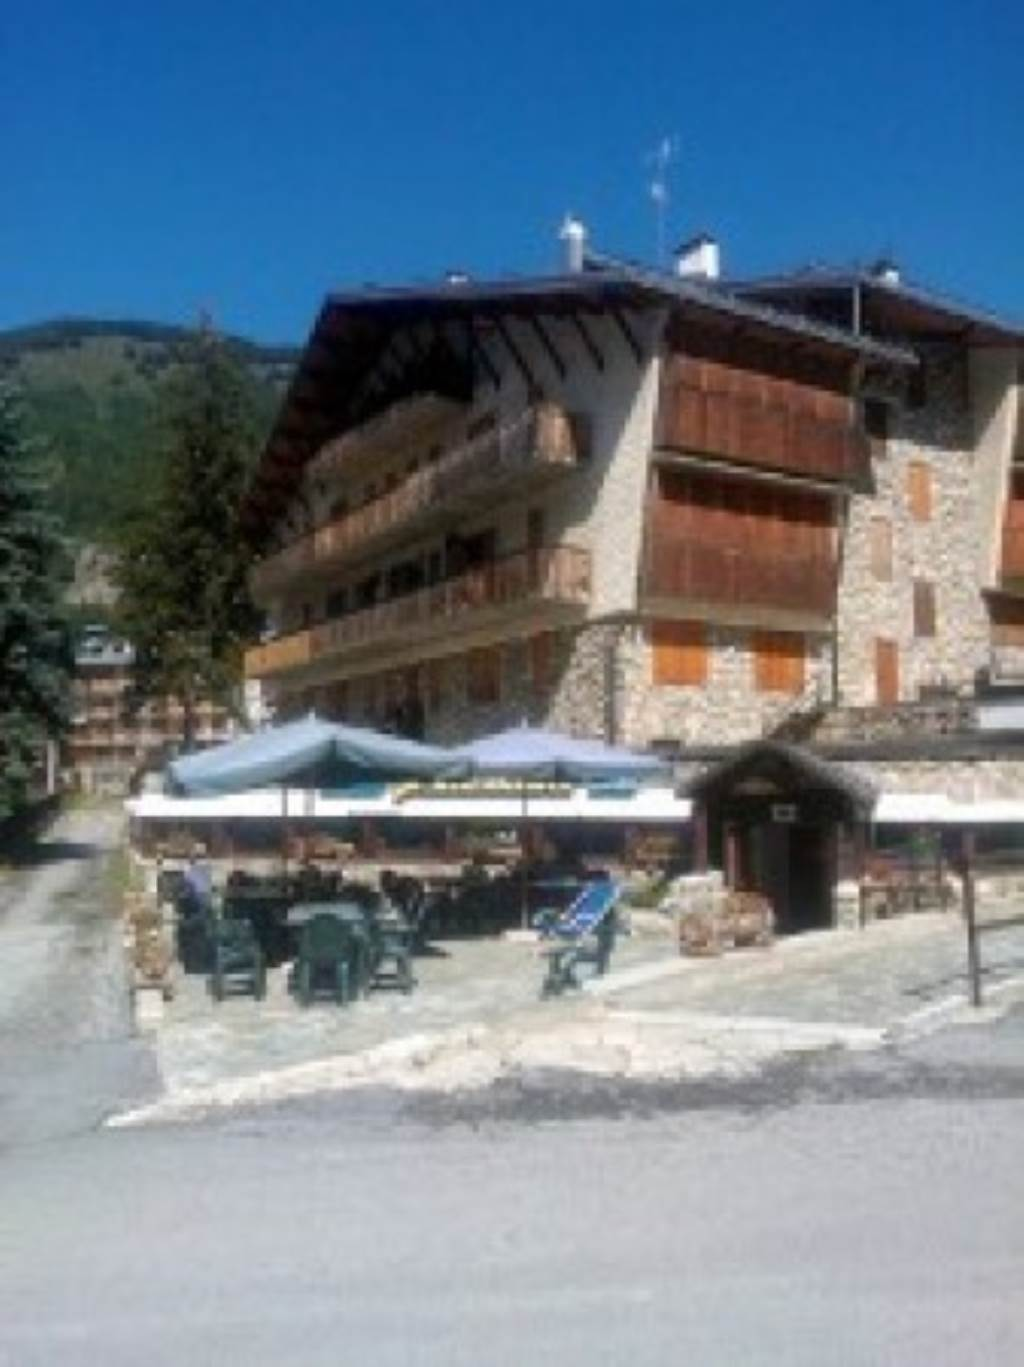 Albergo in vendita a Limone Piemonte, 6 locali, Trattative riservate | Cambio Casa.it